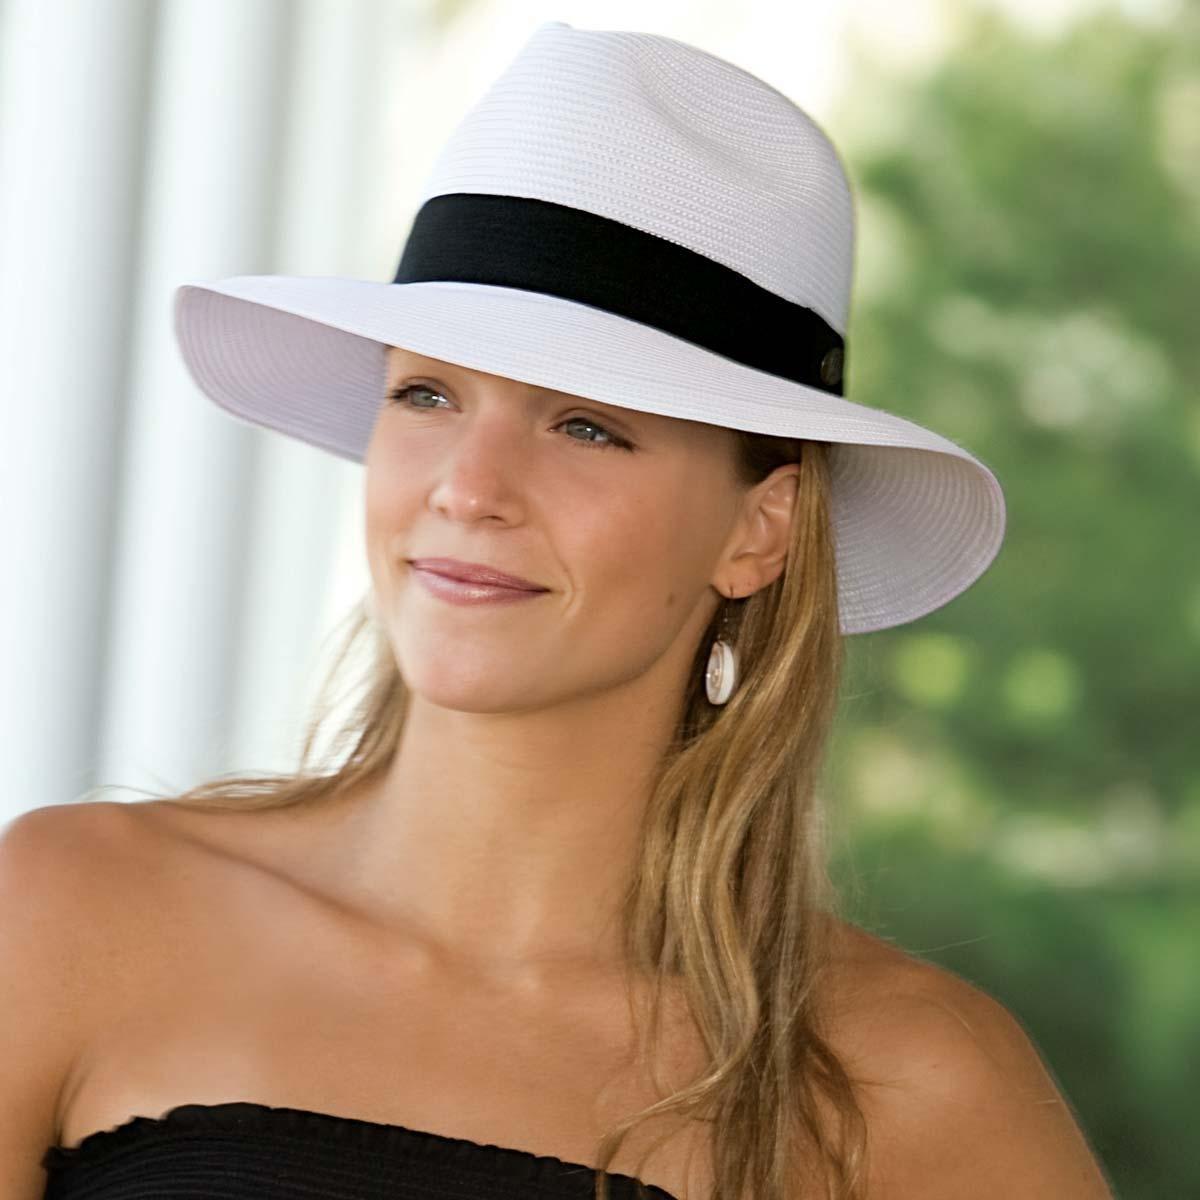 cfb5c0f050d71 Wallaroo Hats UK ( WallarooHatsUK)